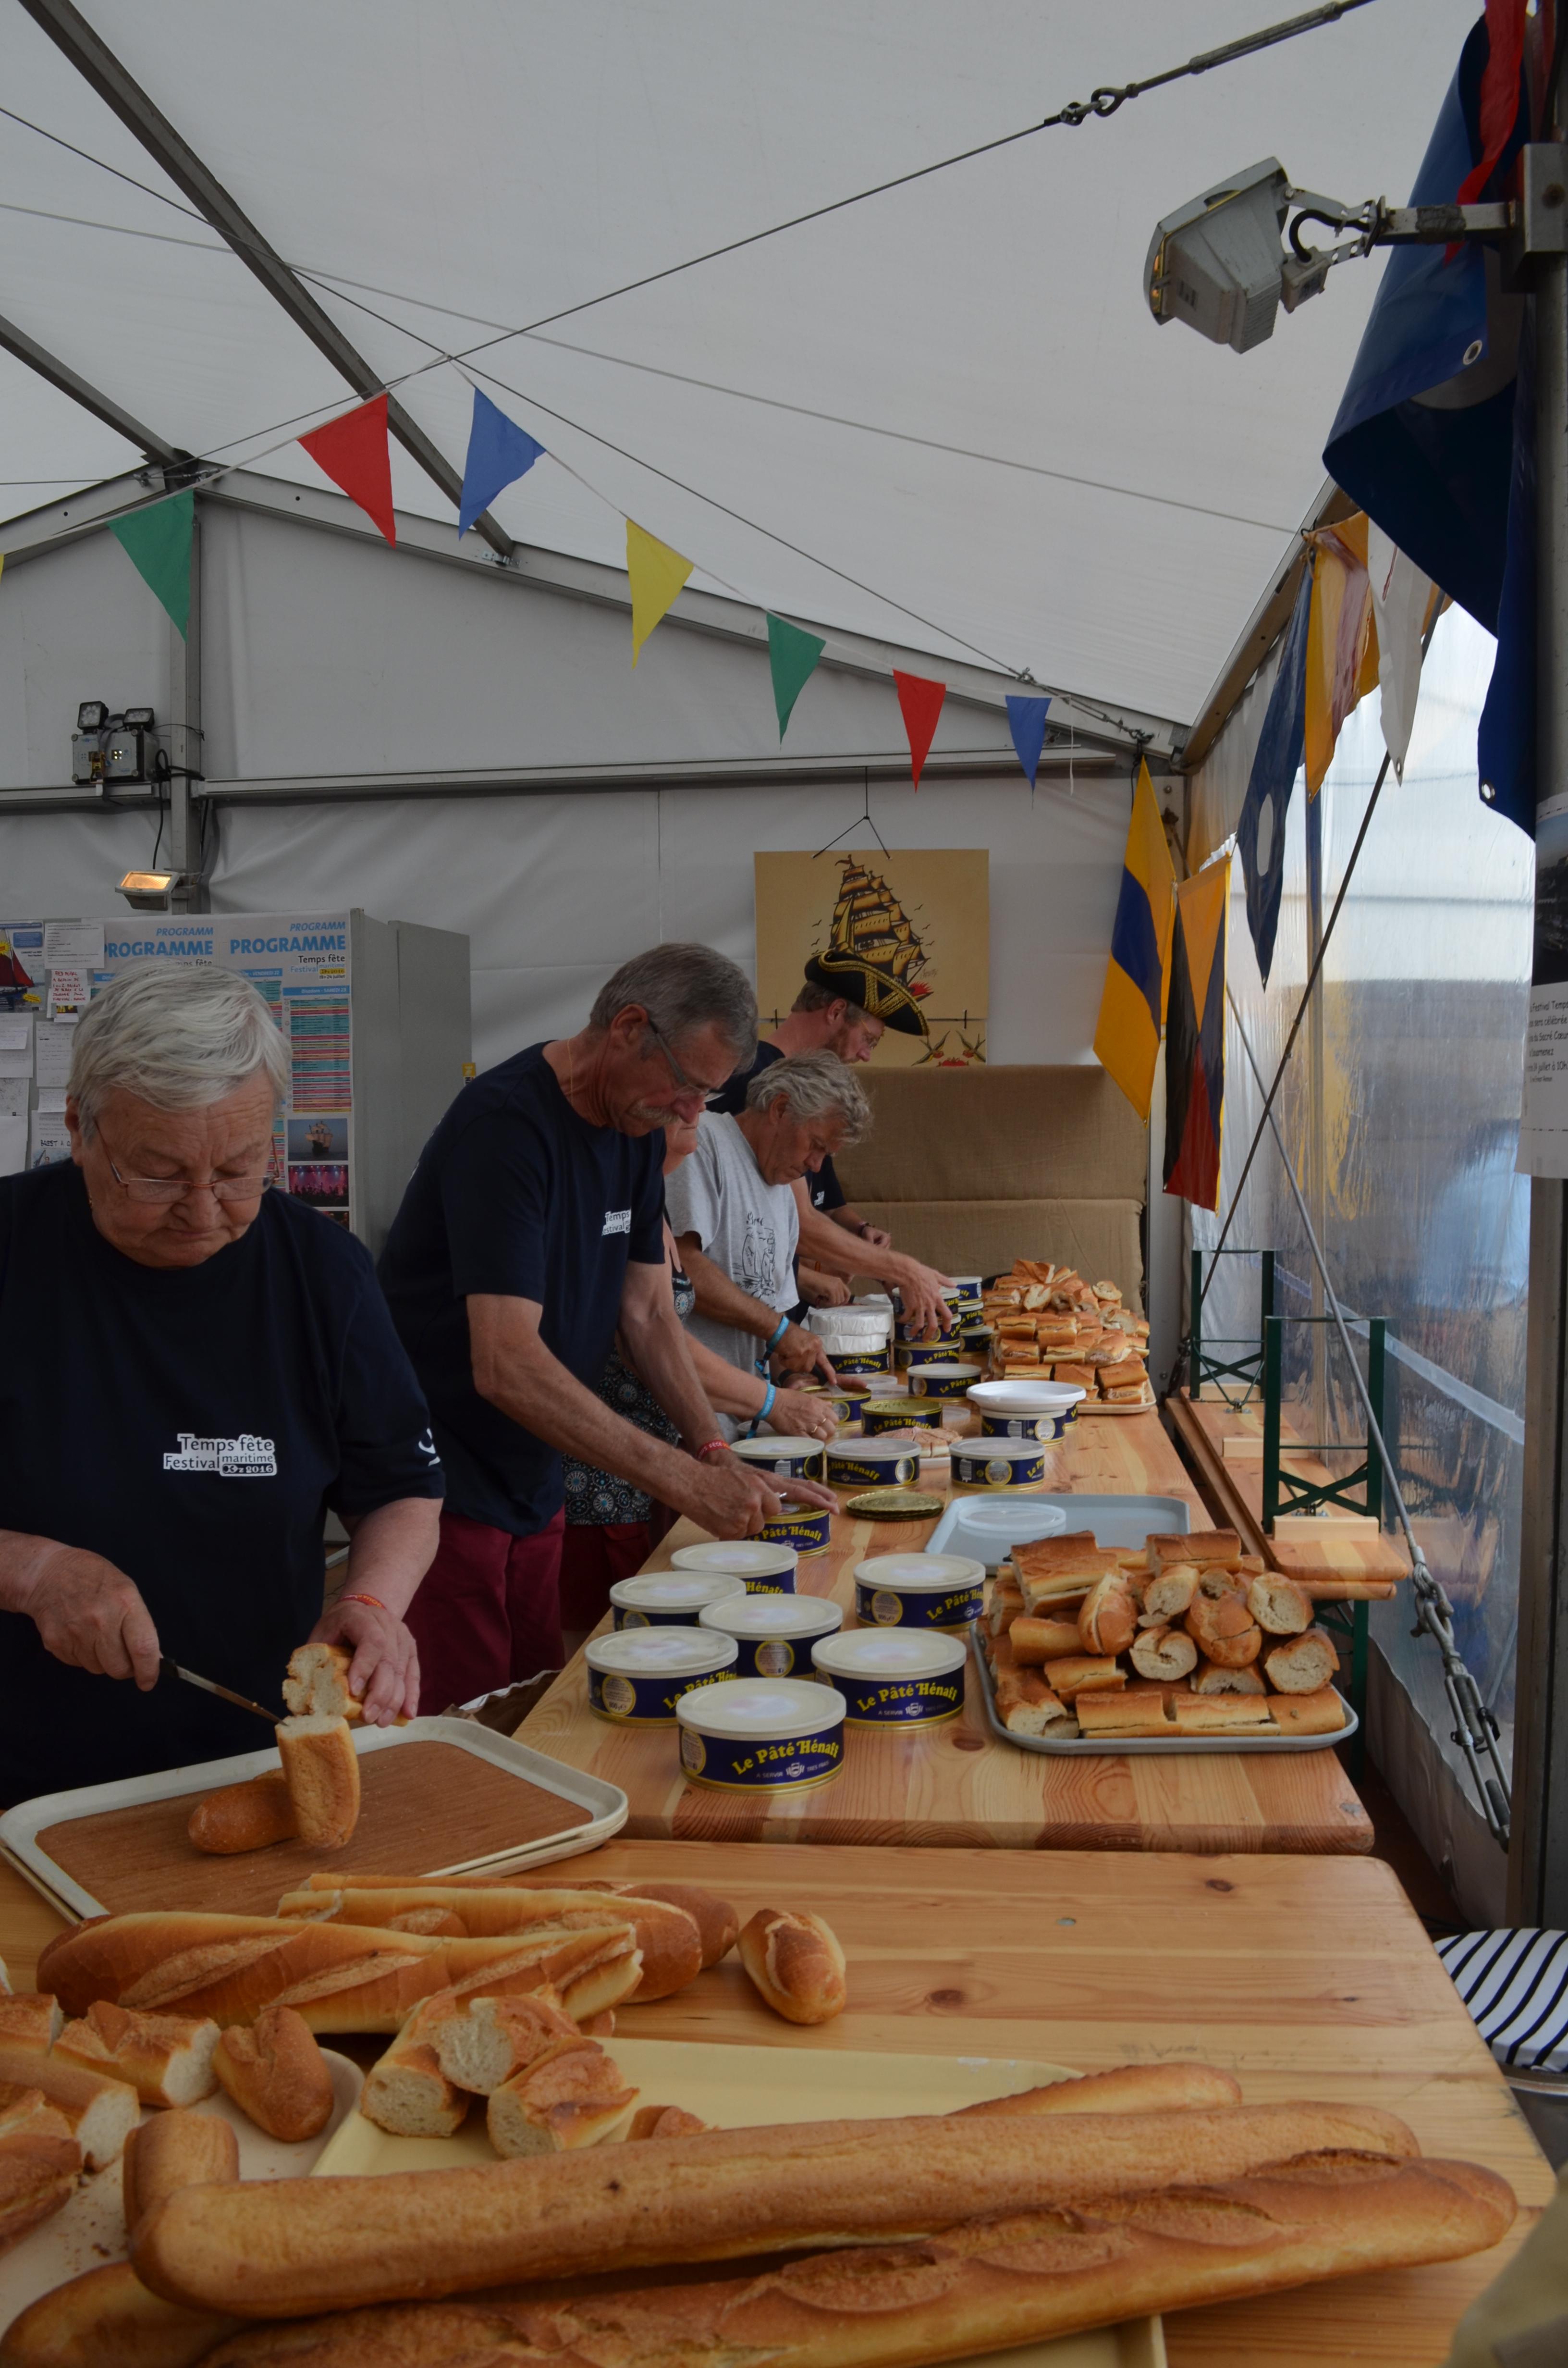 Temps Fête, bénévoles, association, festival, mer, bateaux, gréements, Douarnenez, Finistère, Pâté Hénaff